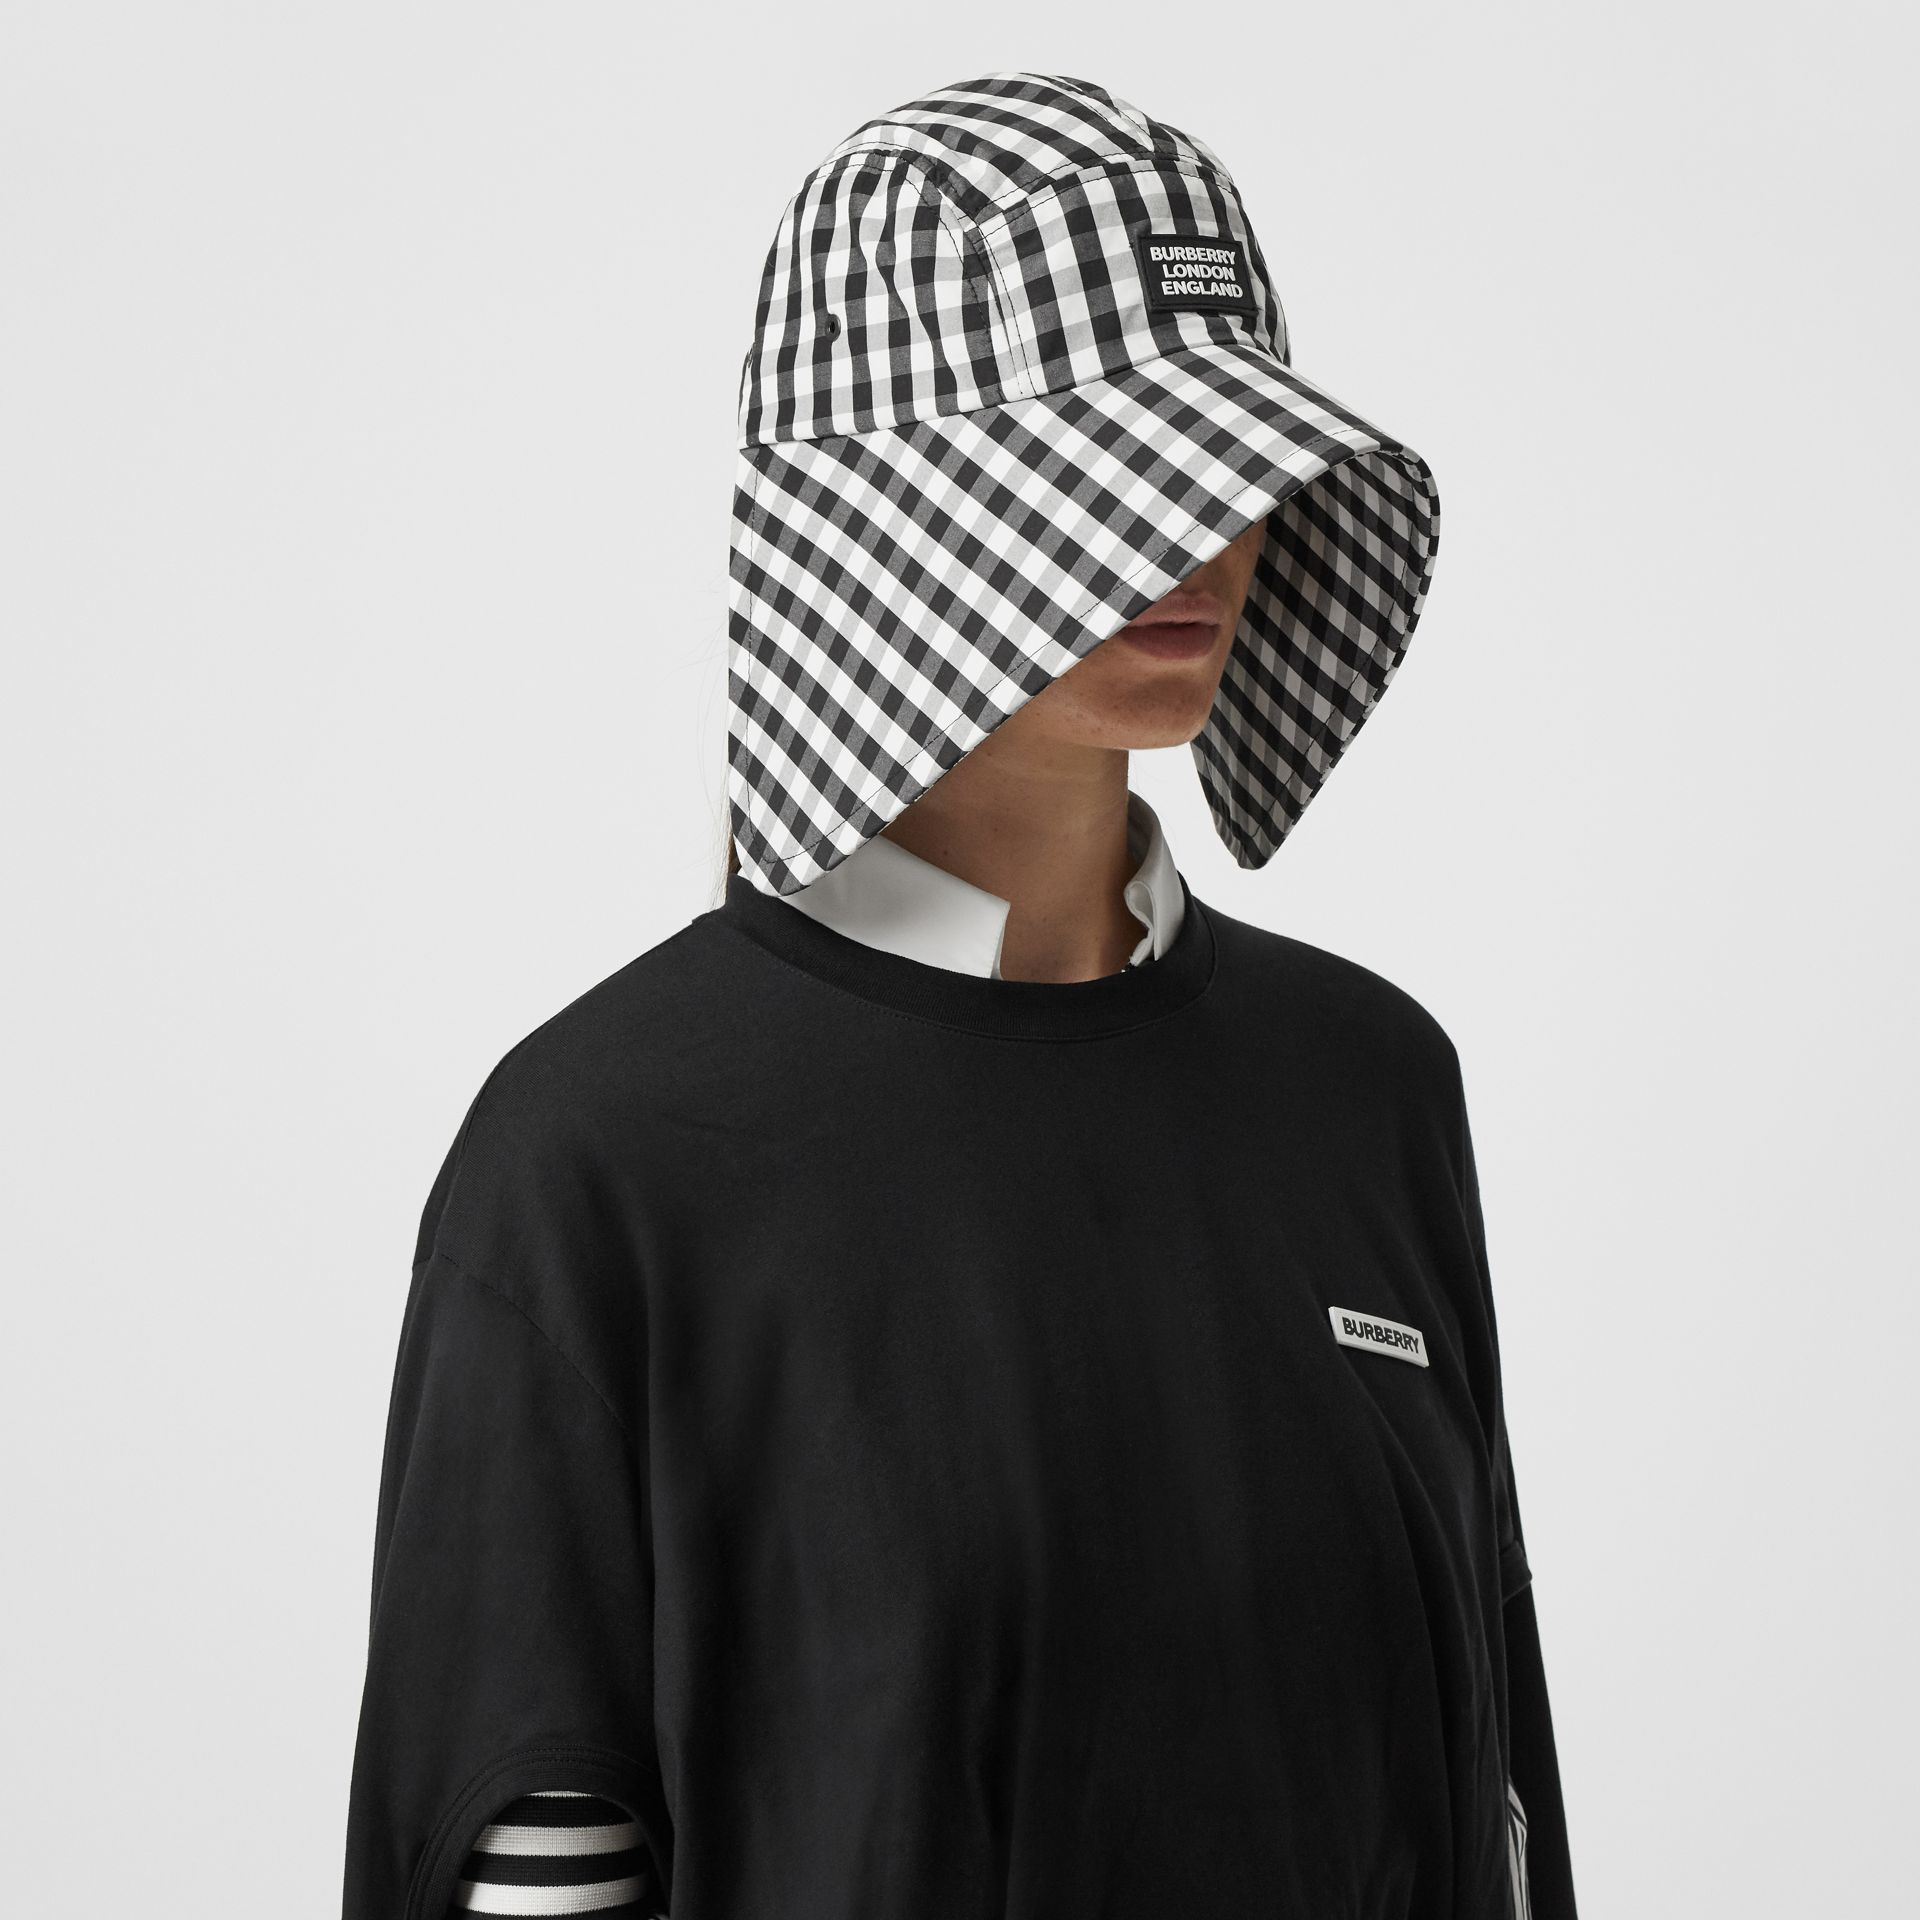 Logo Appliqué Gingham Cotton Bonnet Cap in Black/white | Burberry - gallery image 5